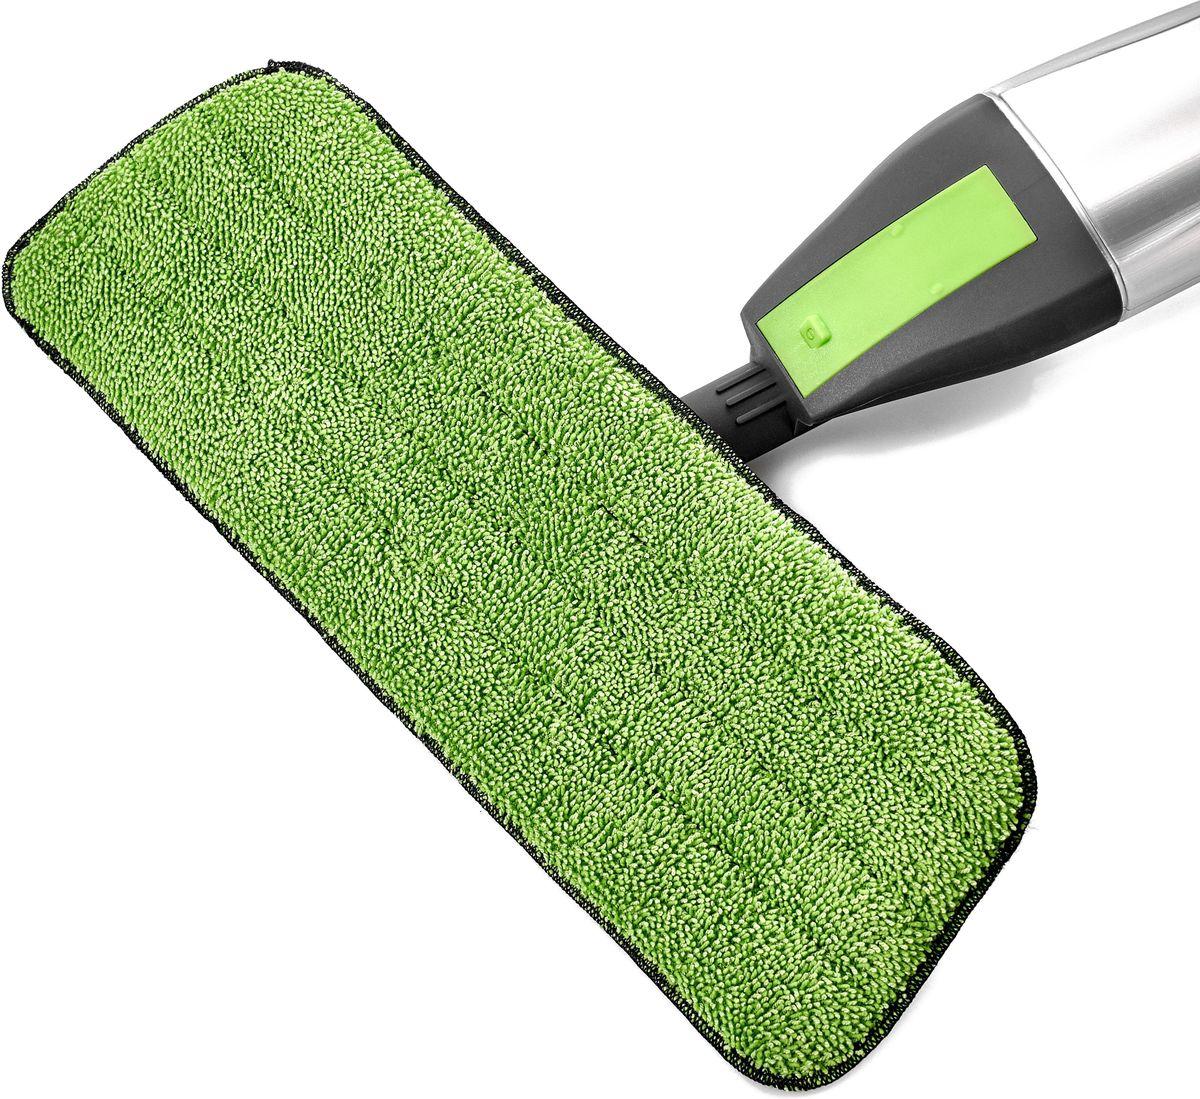 Насадка сменная для швабры спрей мопа Walmer House, цвет: зеленый, 41 х 14 смW28144115Сменная насадка для швабры спрей мопа Walmer House выполнена измикрофибры.Насадки из микроволокна обладают несколькими важнымидостоинствами: микроволокно в сухом виде в процессепротирания поверхности электризуется и притягивает к себемельчайшие частицы пыли, а не разгоняет их по комнате. Привлажной уборке, благодаря способности микрофибровоговолокна поглощать влагу в семь раз больше самой ткани,насадка хорошо впитывает и удерживает влагу, забирает вструктуру ткани любые загрязнения, не оставляет разводов.Крученые петли работают как деликатный абразив иусиливают впитывающие свойства микрофибры.Использование насадки для швабры Walmer House позволяеточистить любые поверхности от пыли и грязи безиспользования химических средств. Размер: 41 х 14 см.